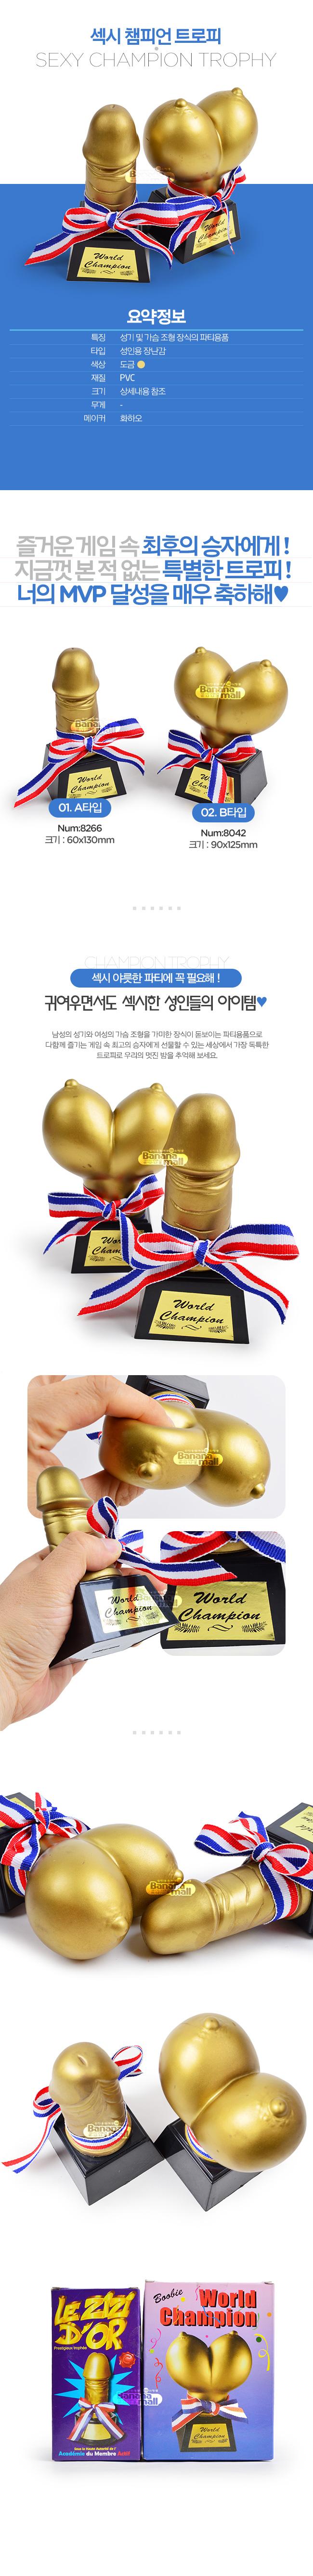 [섹시 토이] 섹시 챔피언 트로피(Sexy Champion Trophy)